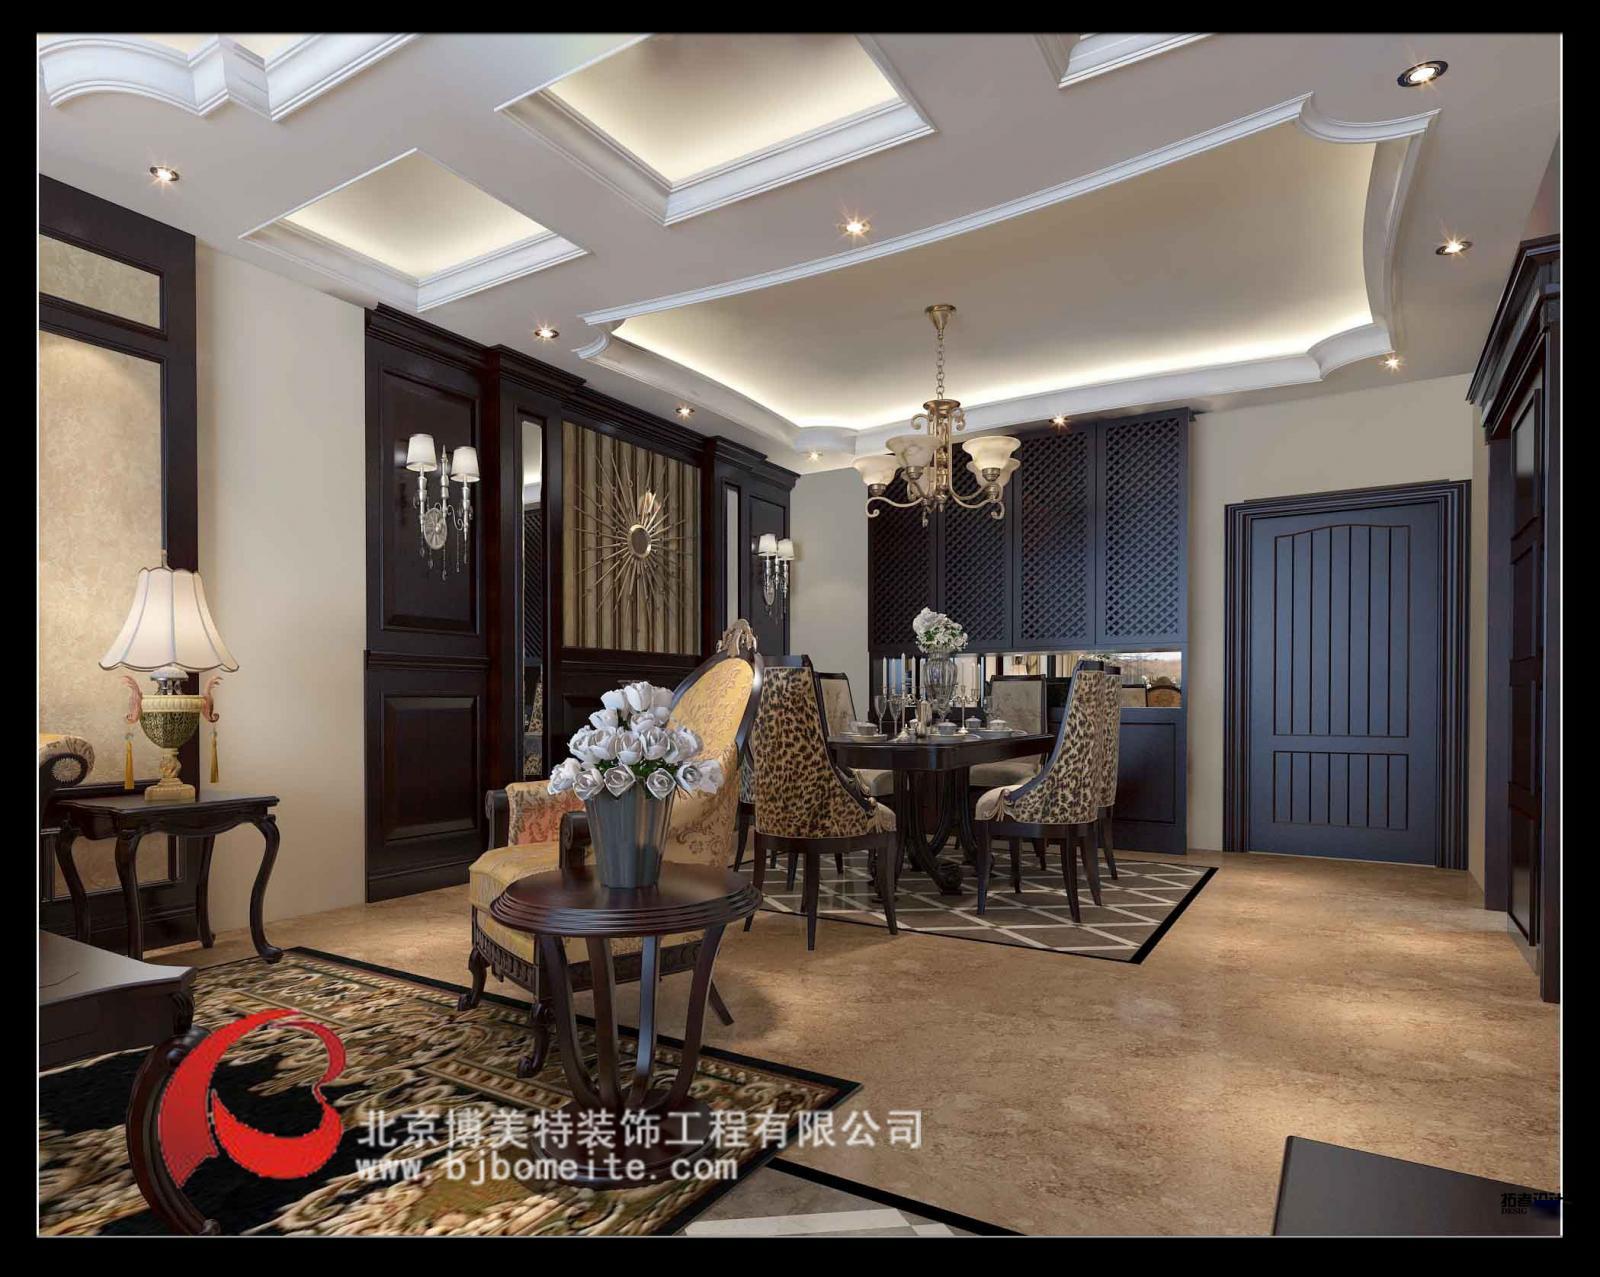 设计理念:欧式风格按不同的地域文化可分为北欧、简欧和传统欧式。其中的田园风格于17世纪盛行欧洲,强调线形流动的变化,色彩华丽。它在形式上以浪漫主义为基础,装修材料常用大理石、多彩的织物、精美的地毯,精致的法国壁挂,整个风格豪华、富丽,充满强烈的动感效果。